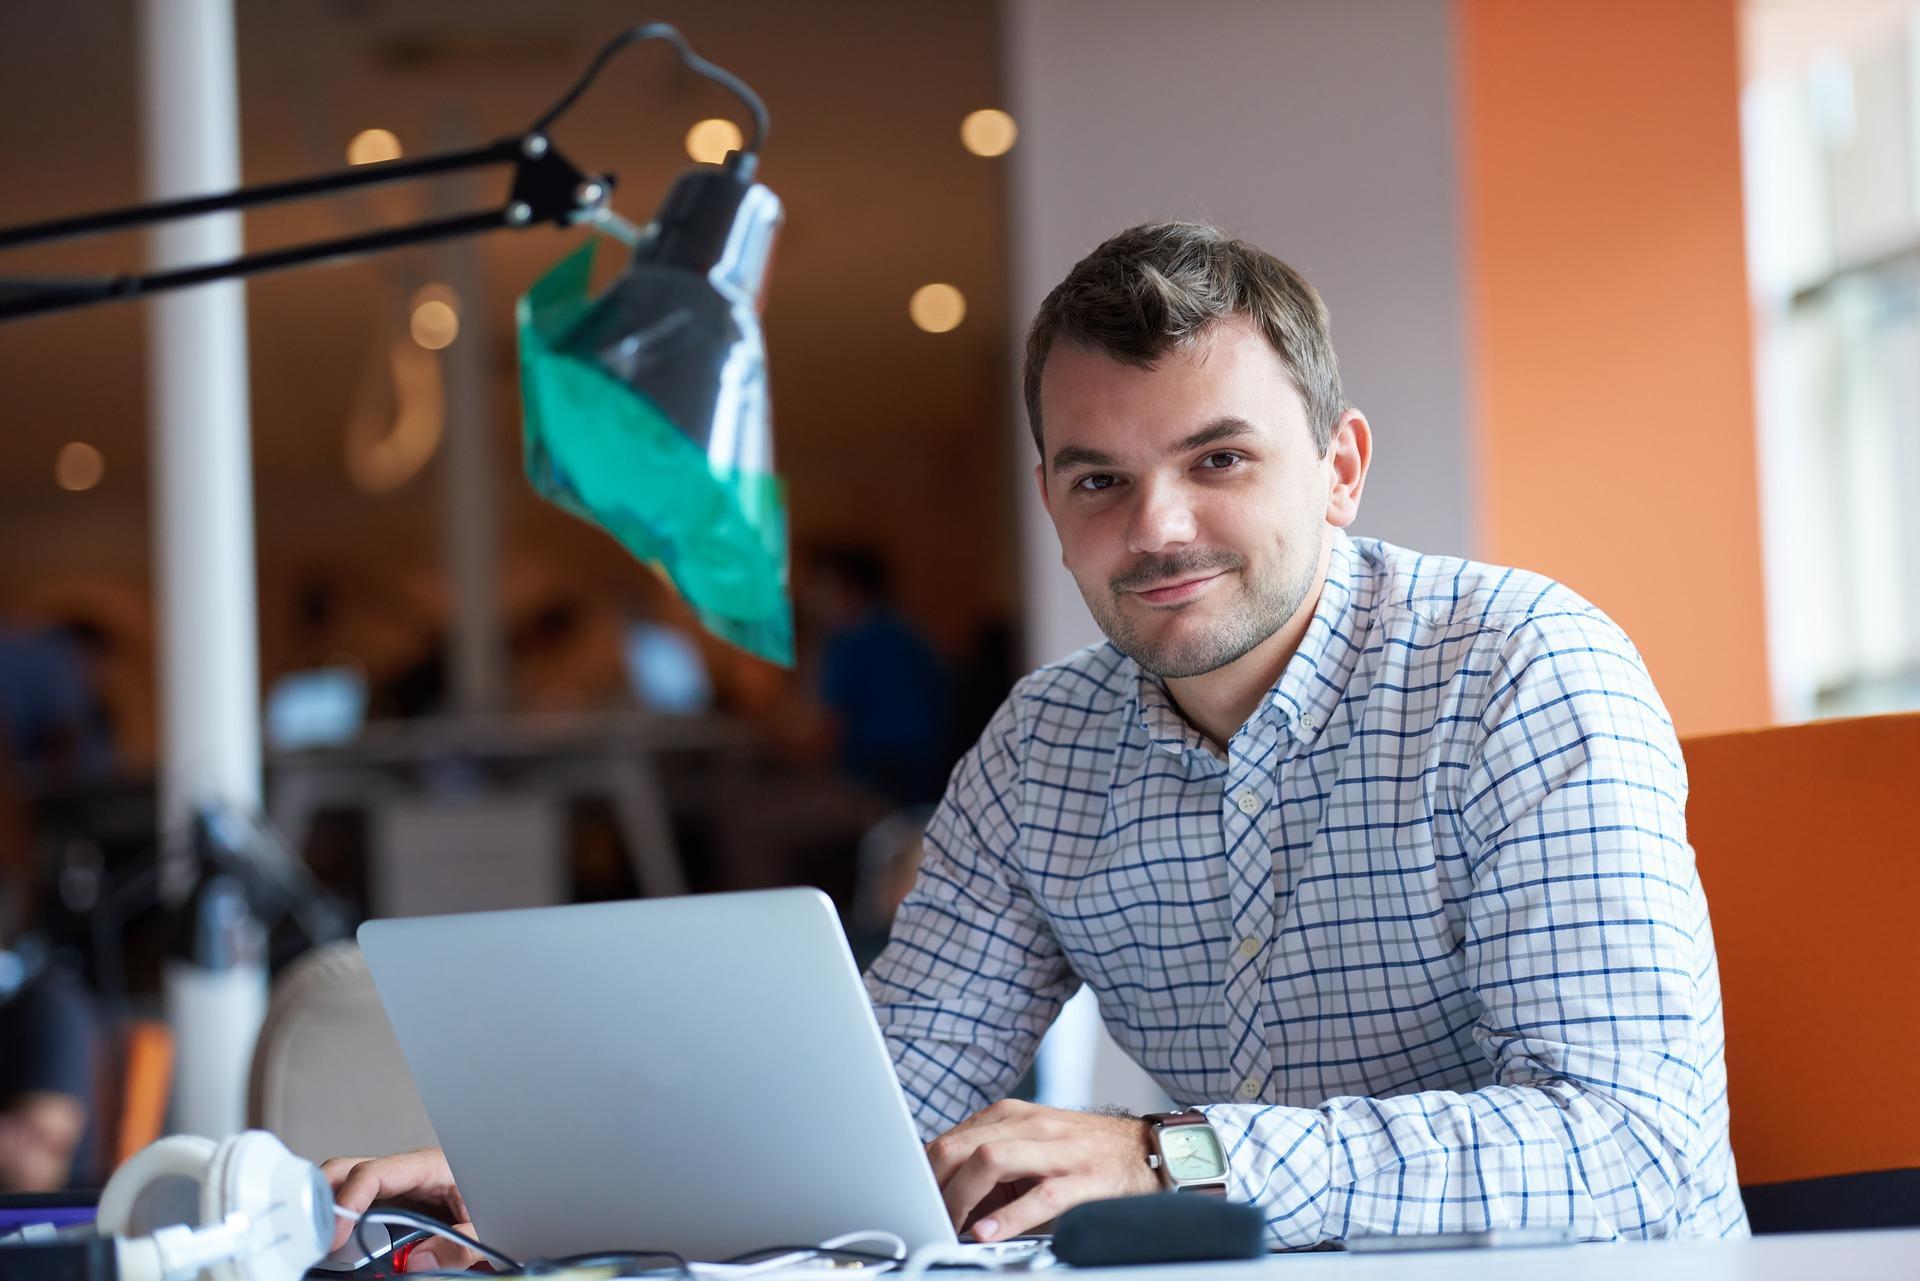 Ruutupaitainen mies tietokoneen ääressä.